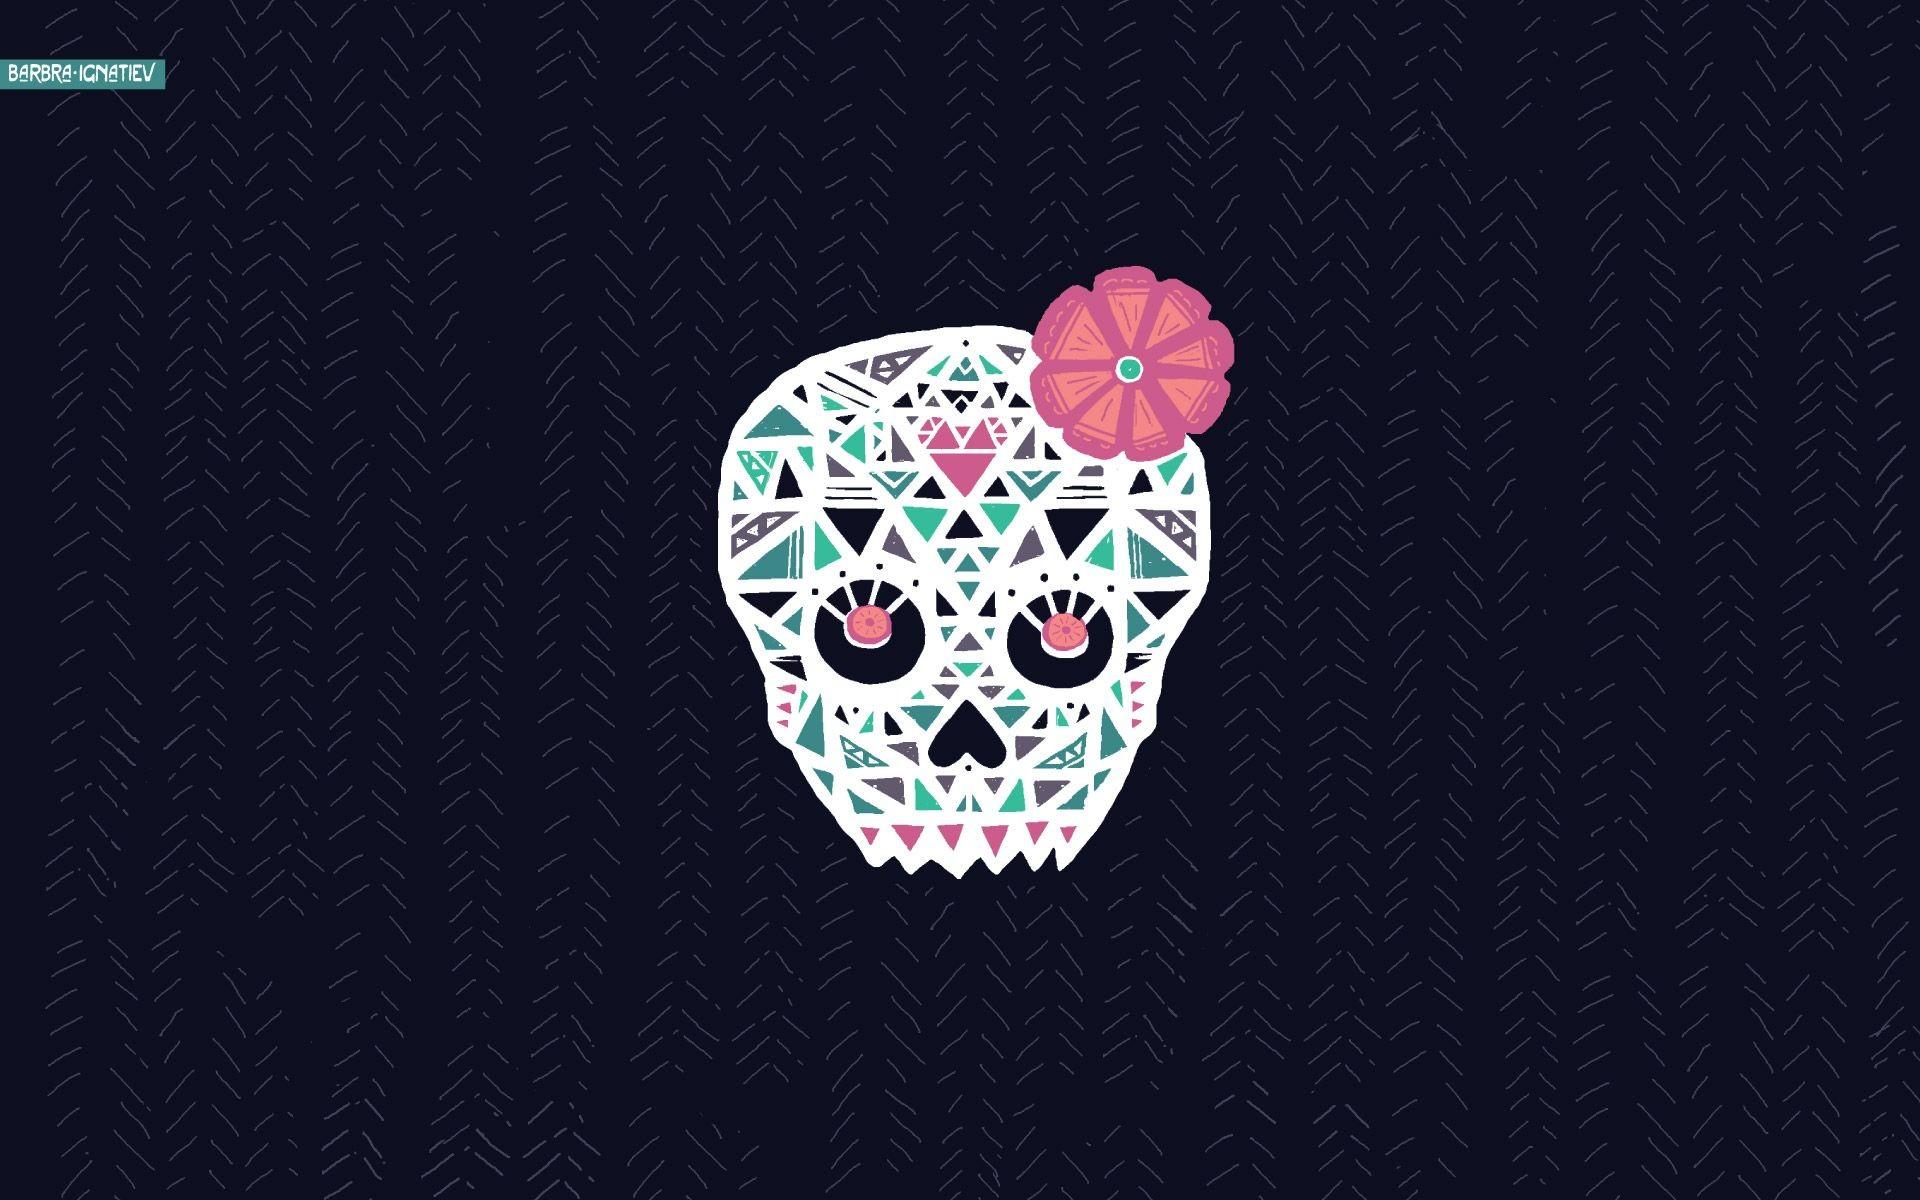 Sugar Skull Wallpaper Download Free Cool Full Hd Wallpapers